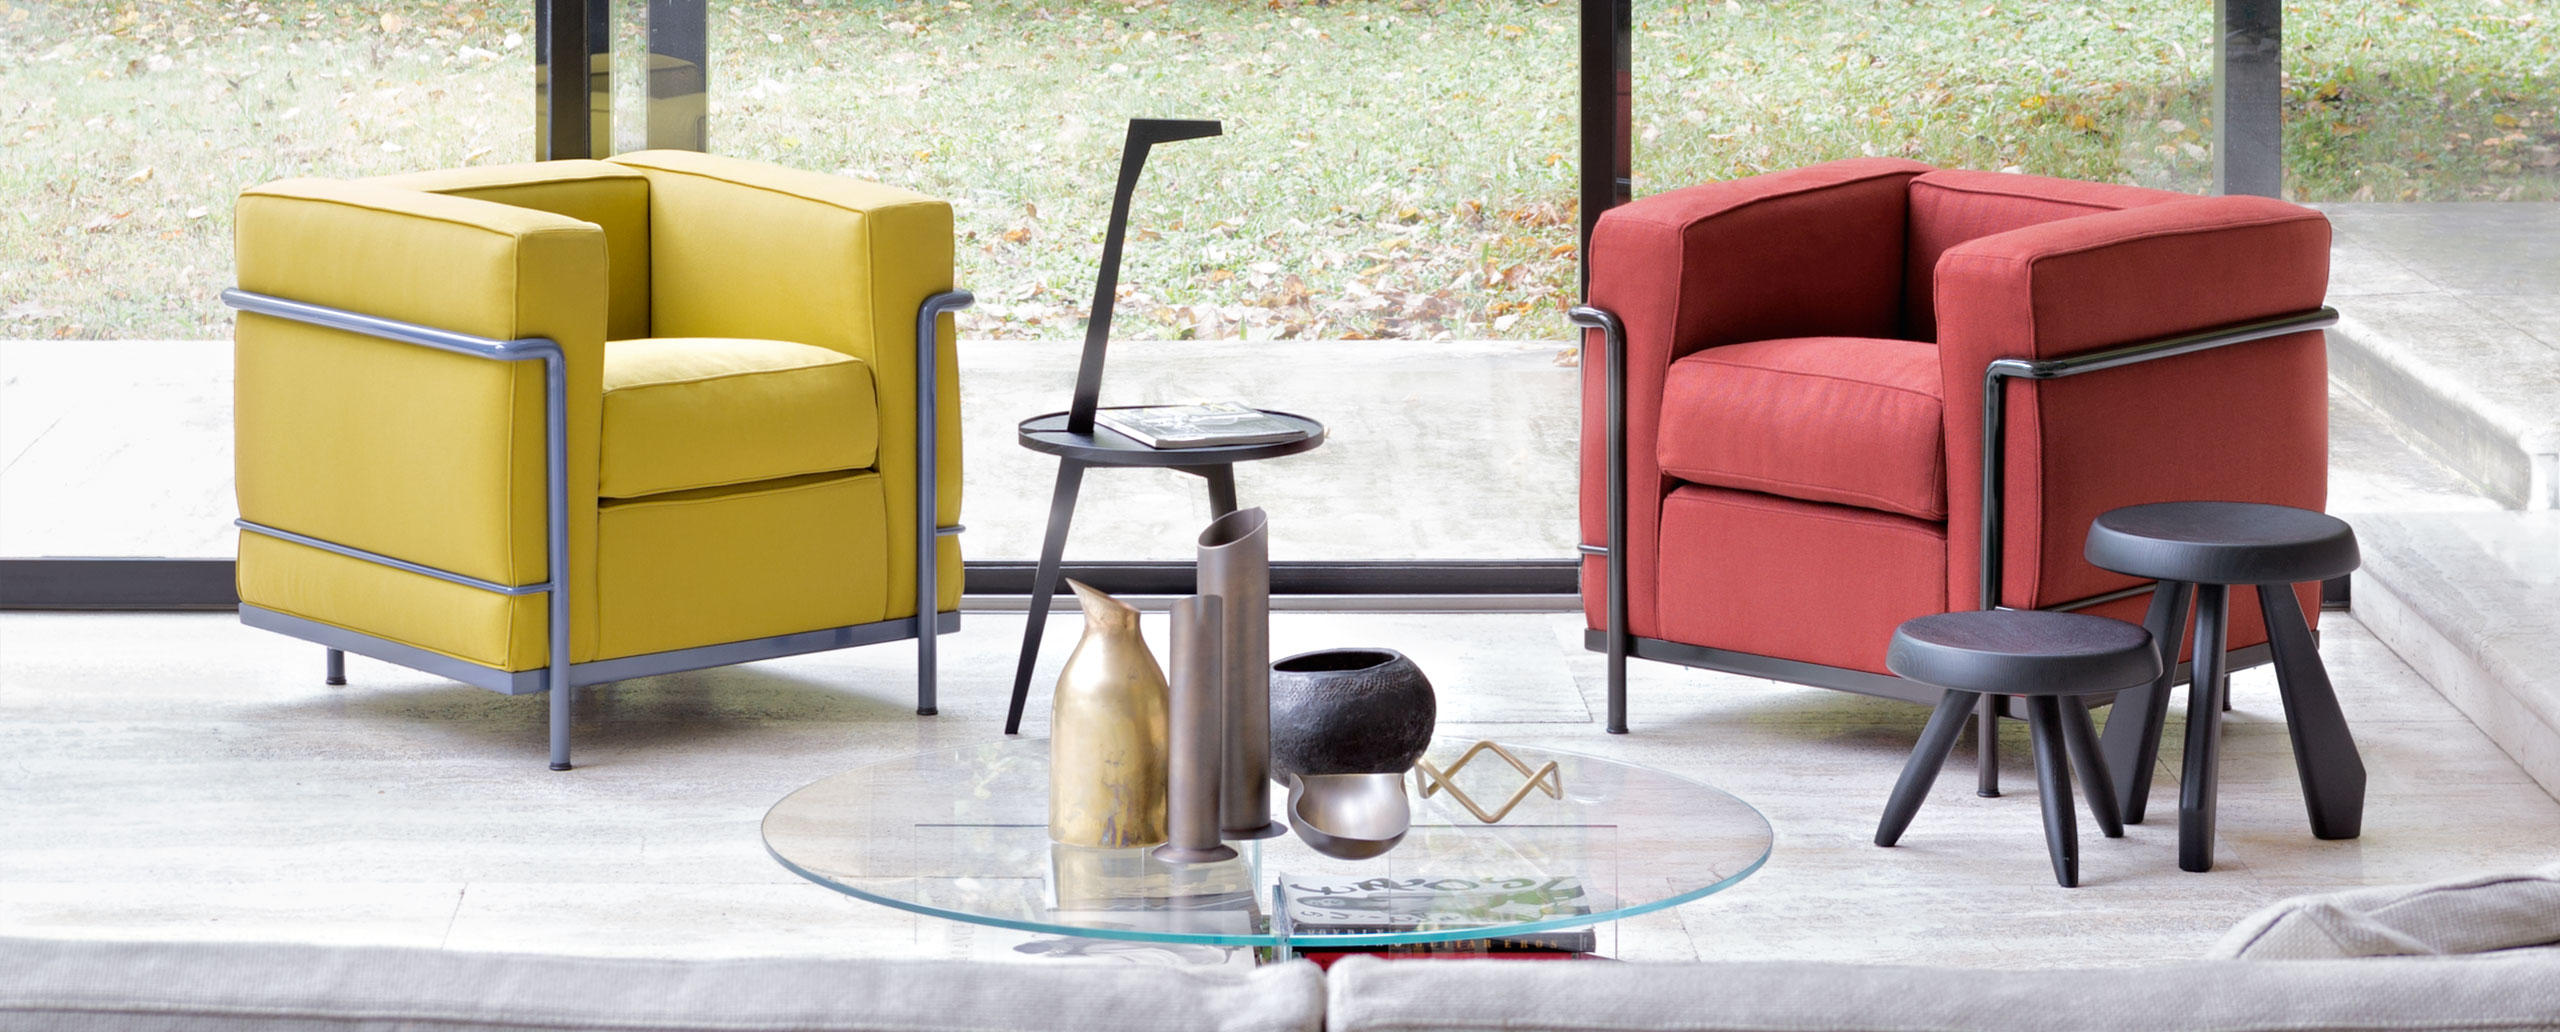 designwebstore lc2. Black Bedroom Furniture Sets. Home Design Ideas